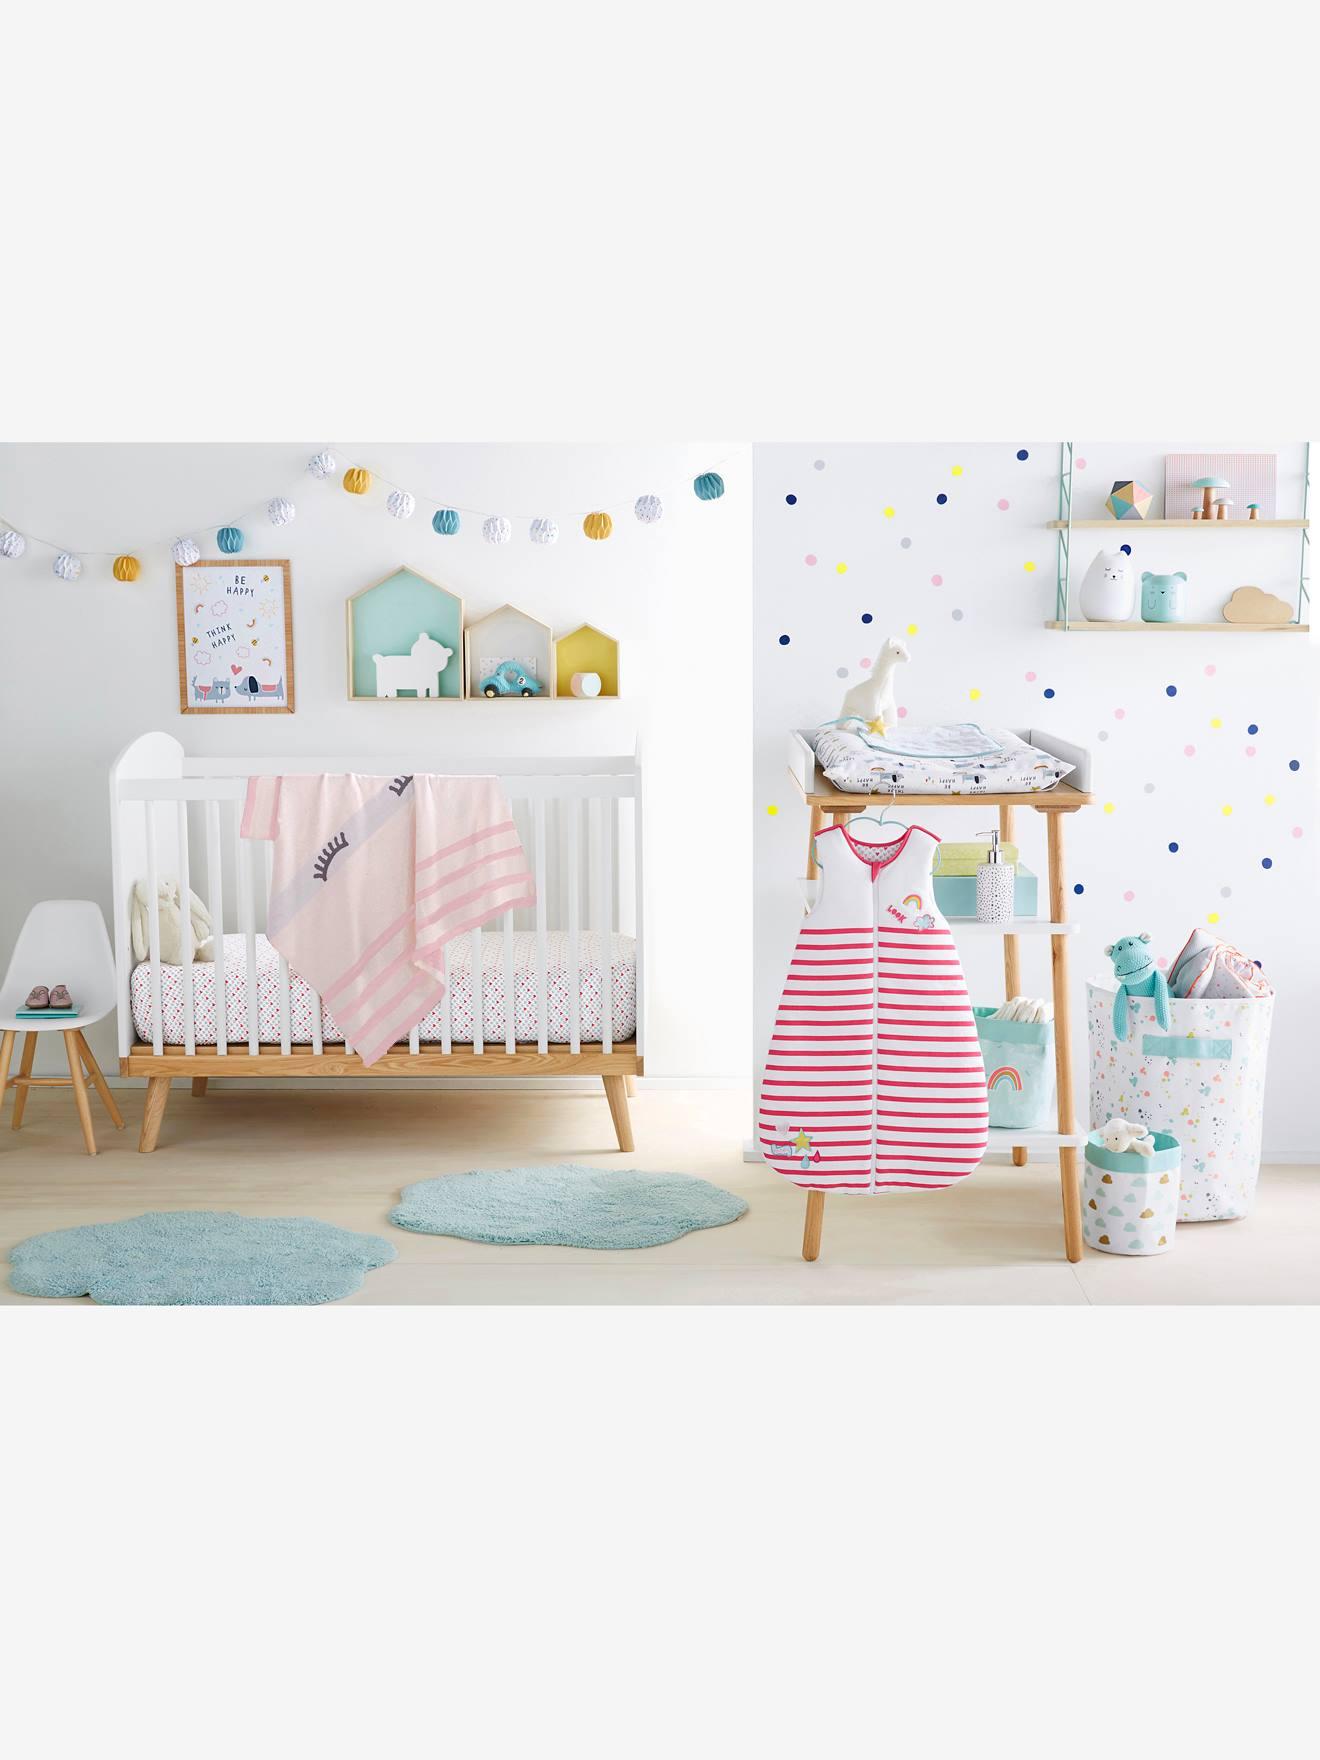 Vertbaudet Wandsticker für Kinderzimmer in mehrfarbig